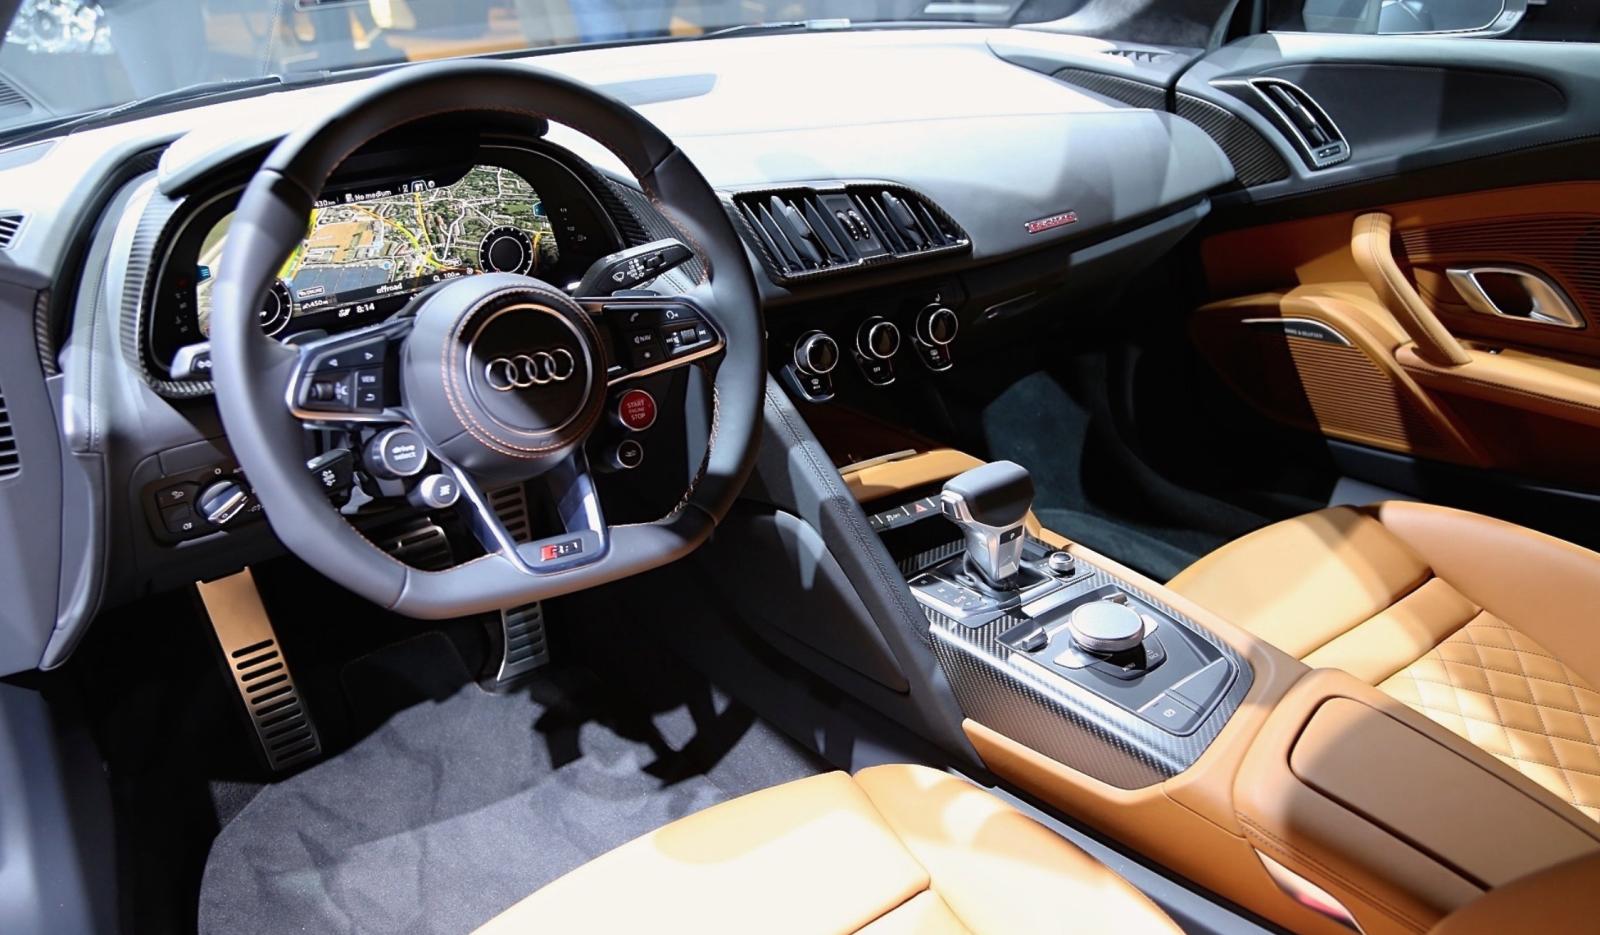 2016 Audi R8 Interior